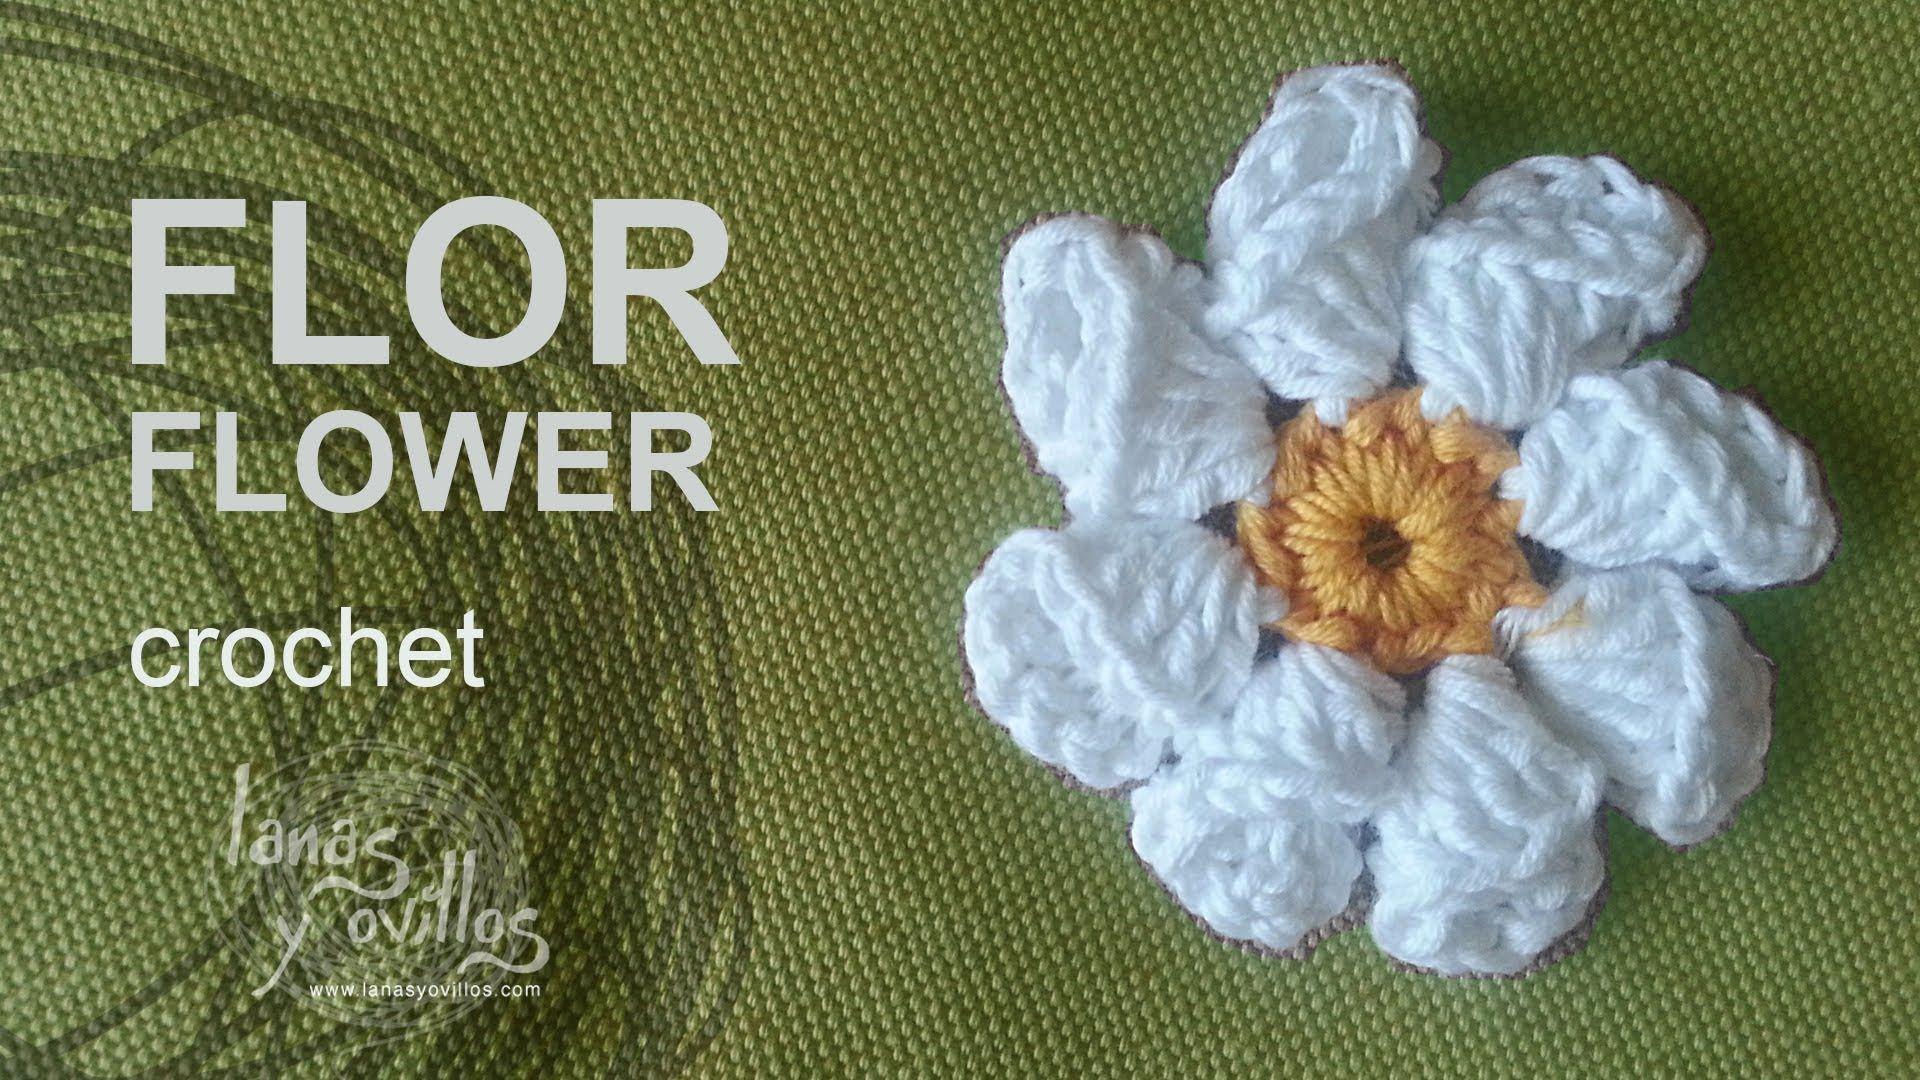 flor-crochet - Patrones gratis